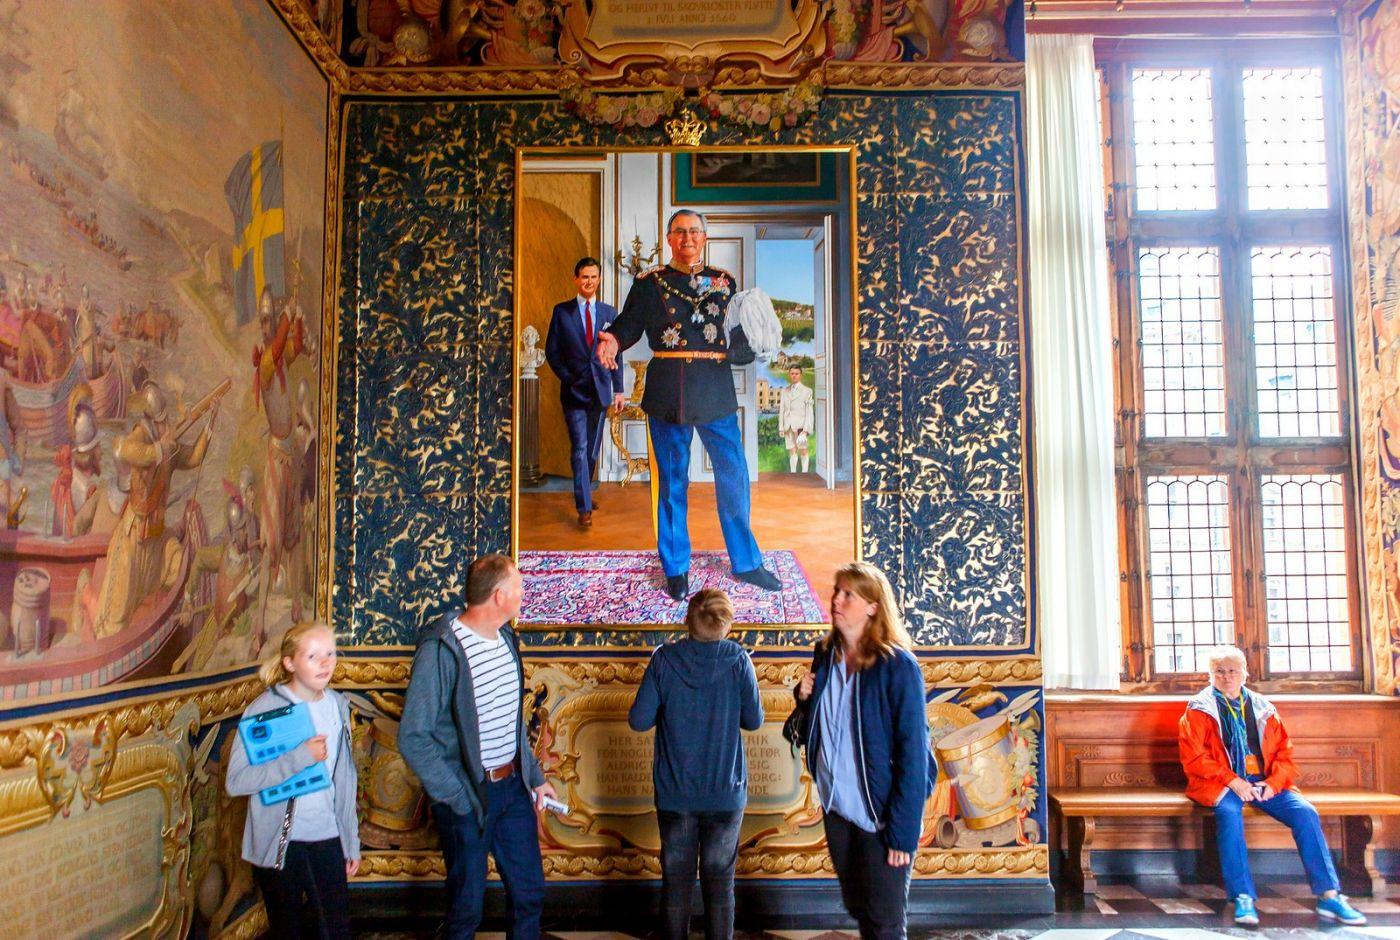 丹麦腓特烈堡城堡,金碧辉煌的大厅_图1-6